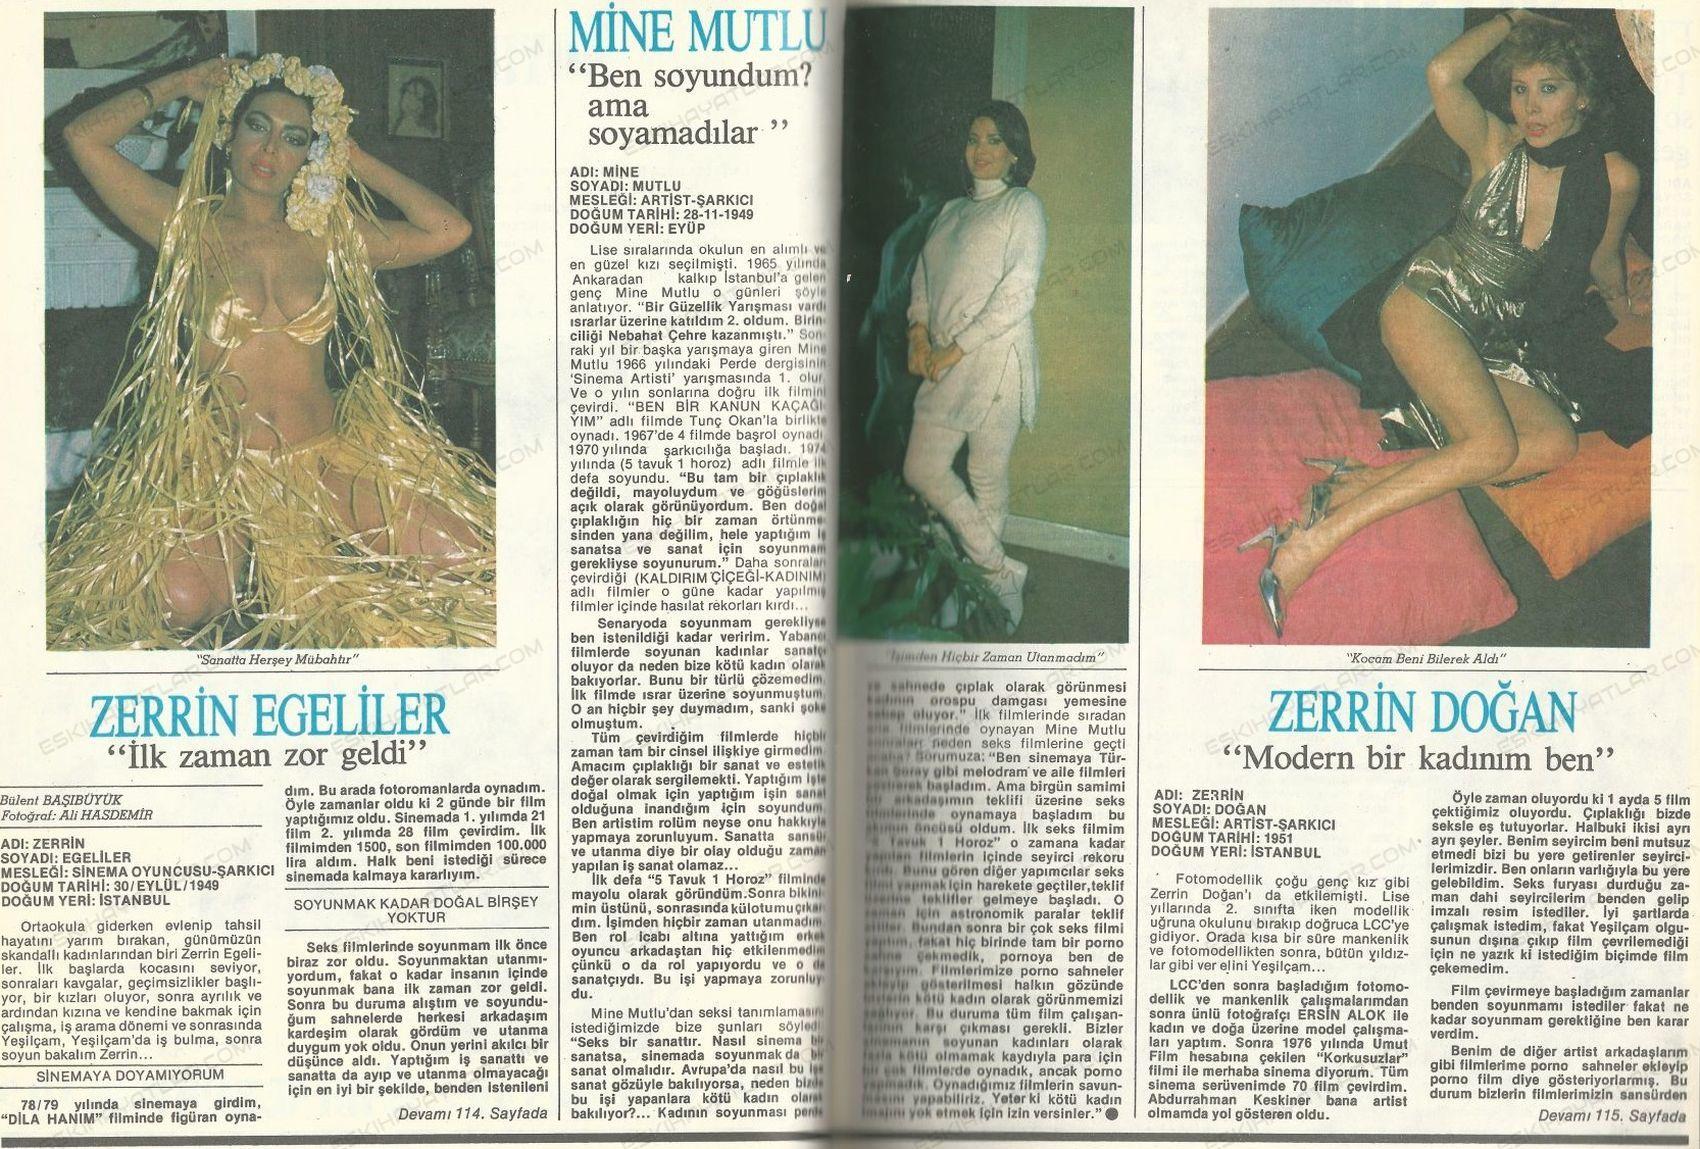 0237-mine-mutlu-zerrin-egeliler-1982-kadinca-dergisi-nicin-soyundular-zerrin-dogan-dilber-ay-feri-cansel-erotik-fotografi